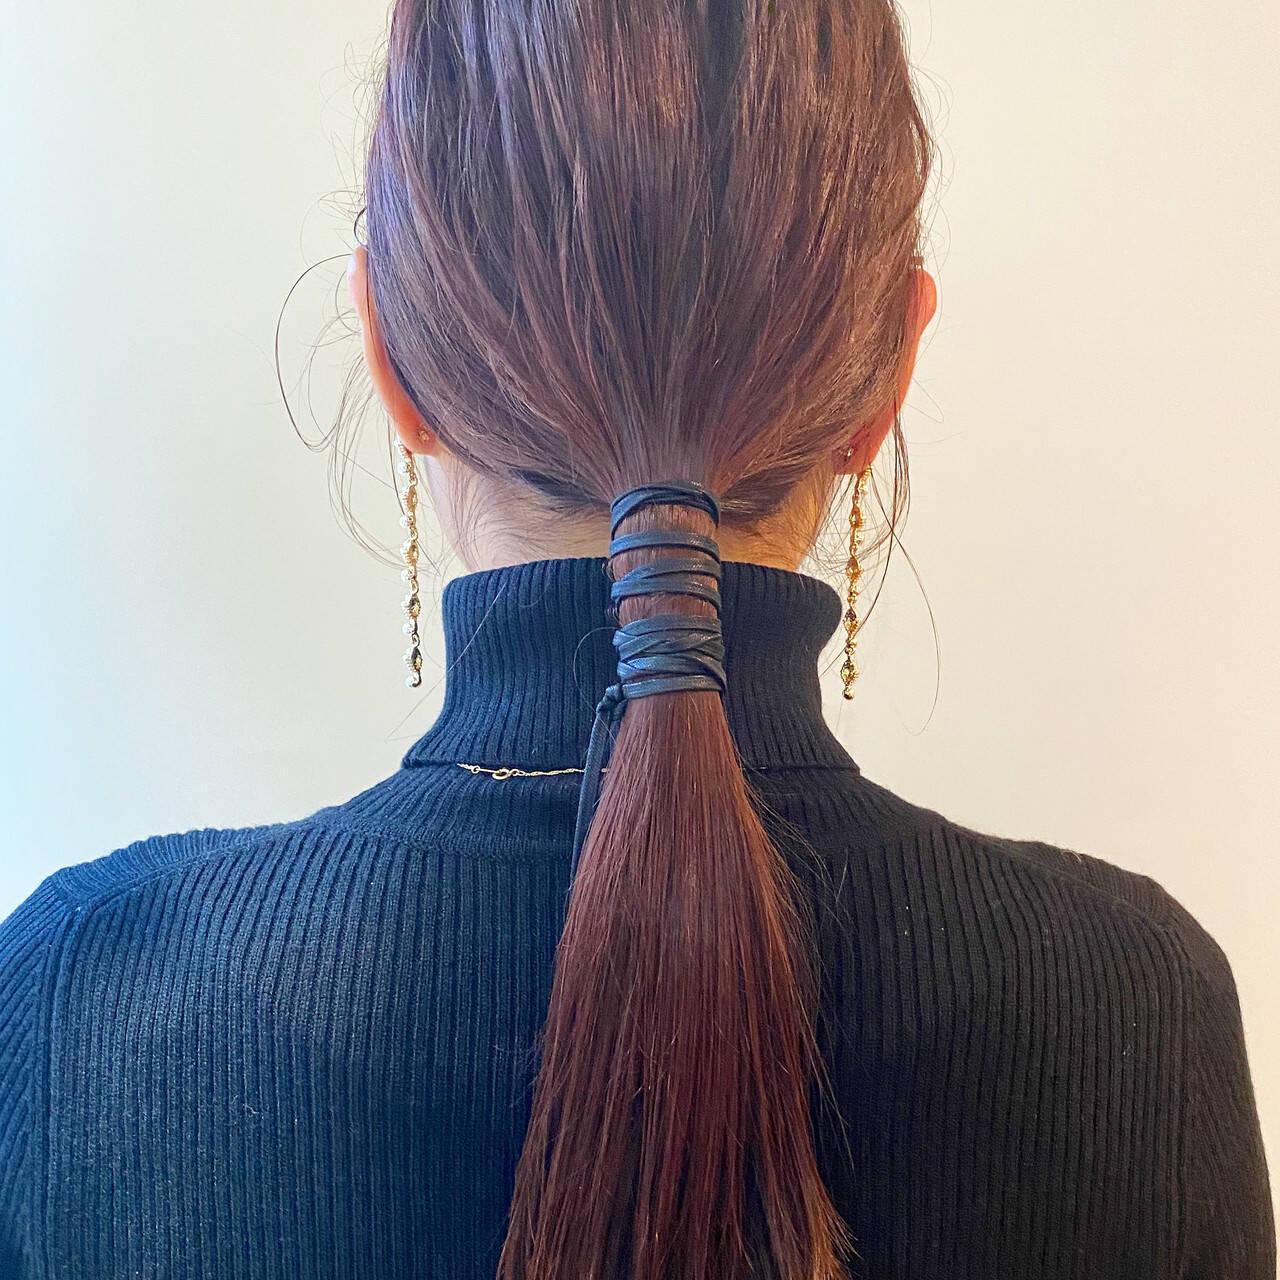 ポニーテールアレンジ ロング ヘアアレンジ セルフヘアアレンジヘアスタイルや髪型の写真・画像